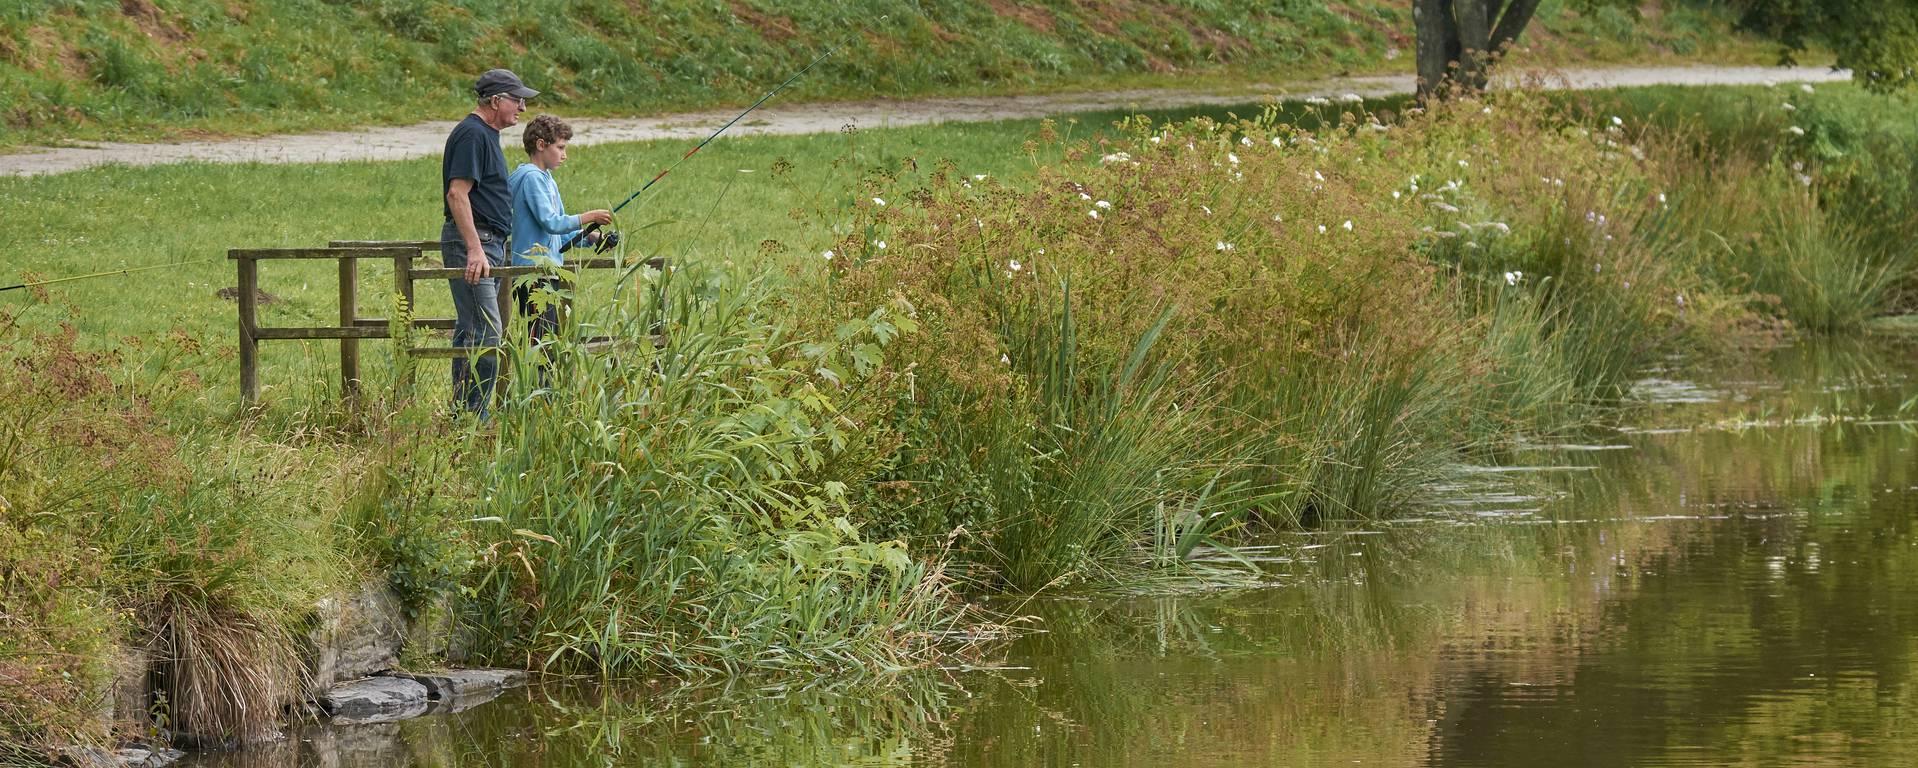 Pêche à l'étang à Gourin © M-A Gouret-Puillandre